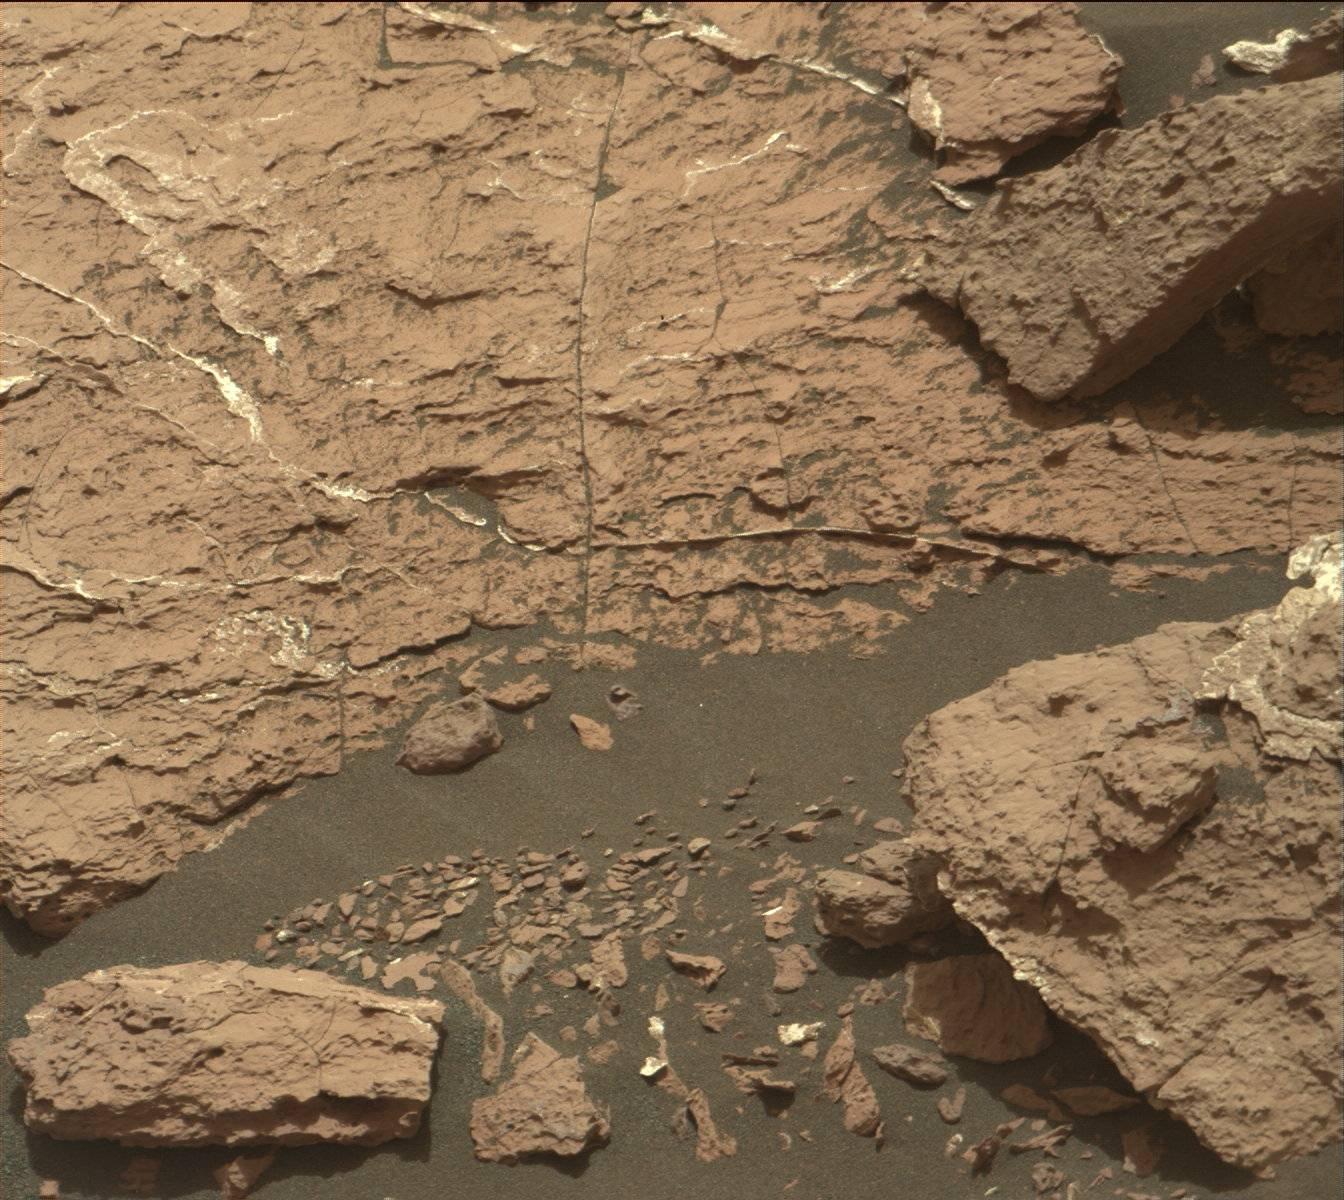 jpl mars rover curiosity - photo #17